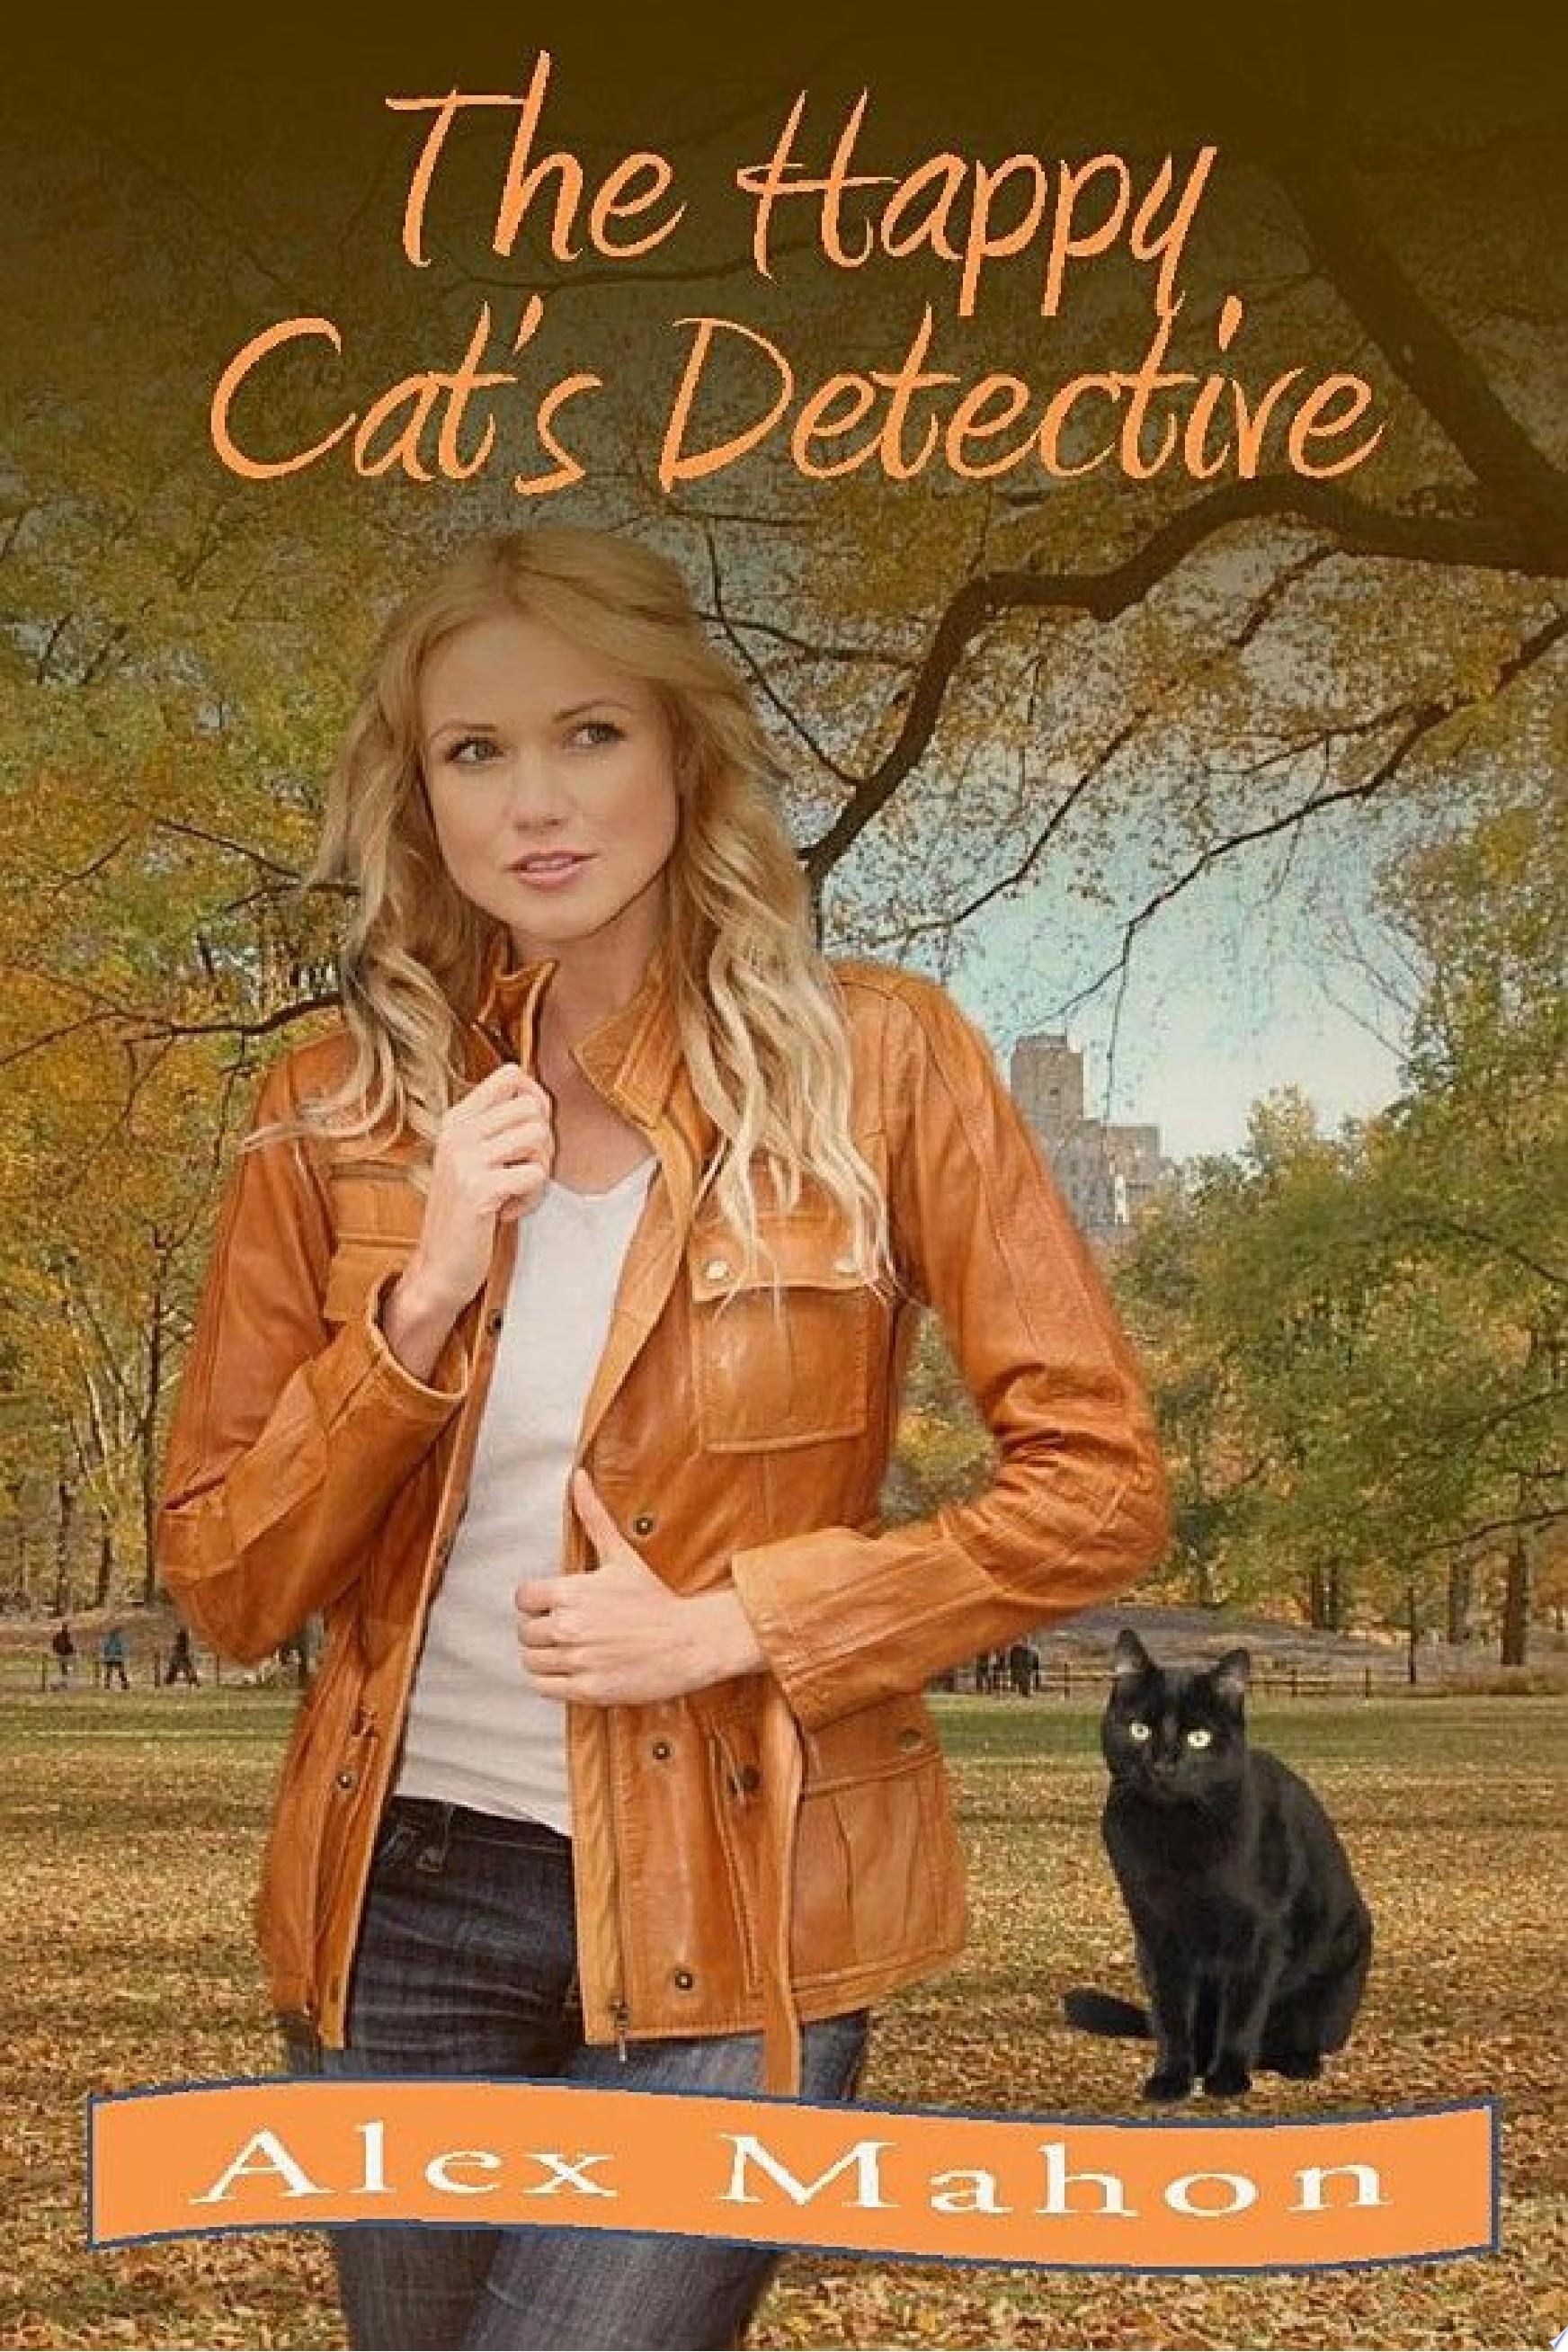 The Happy Cat s Detective